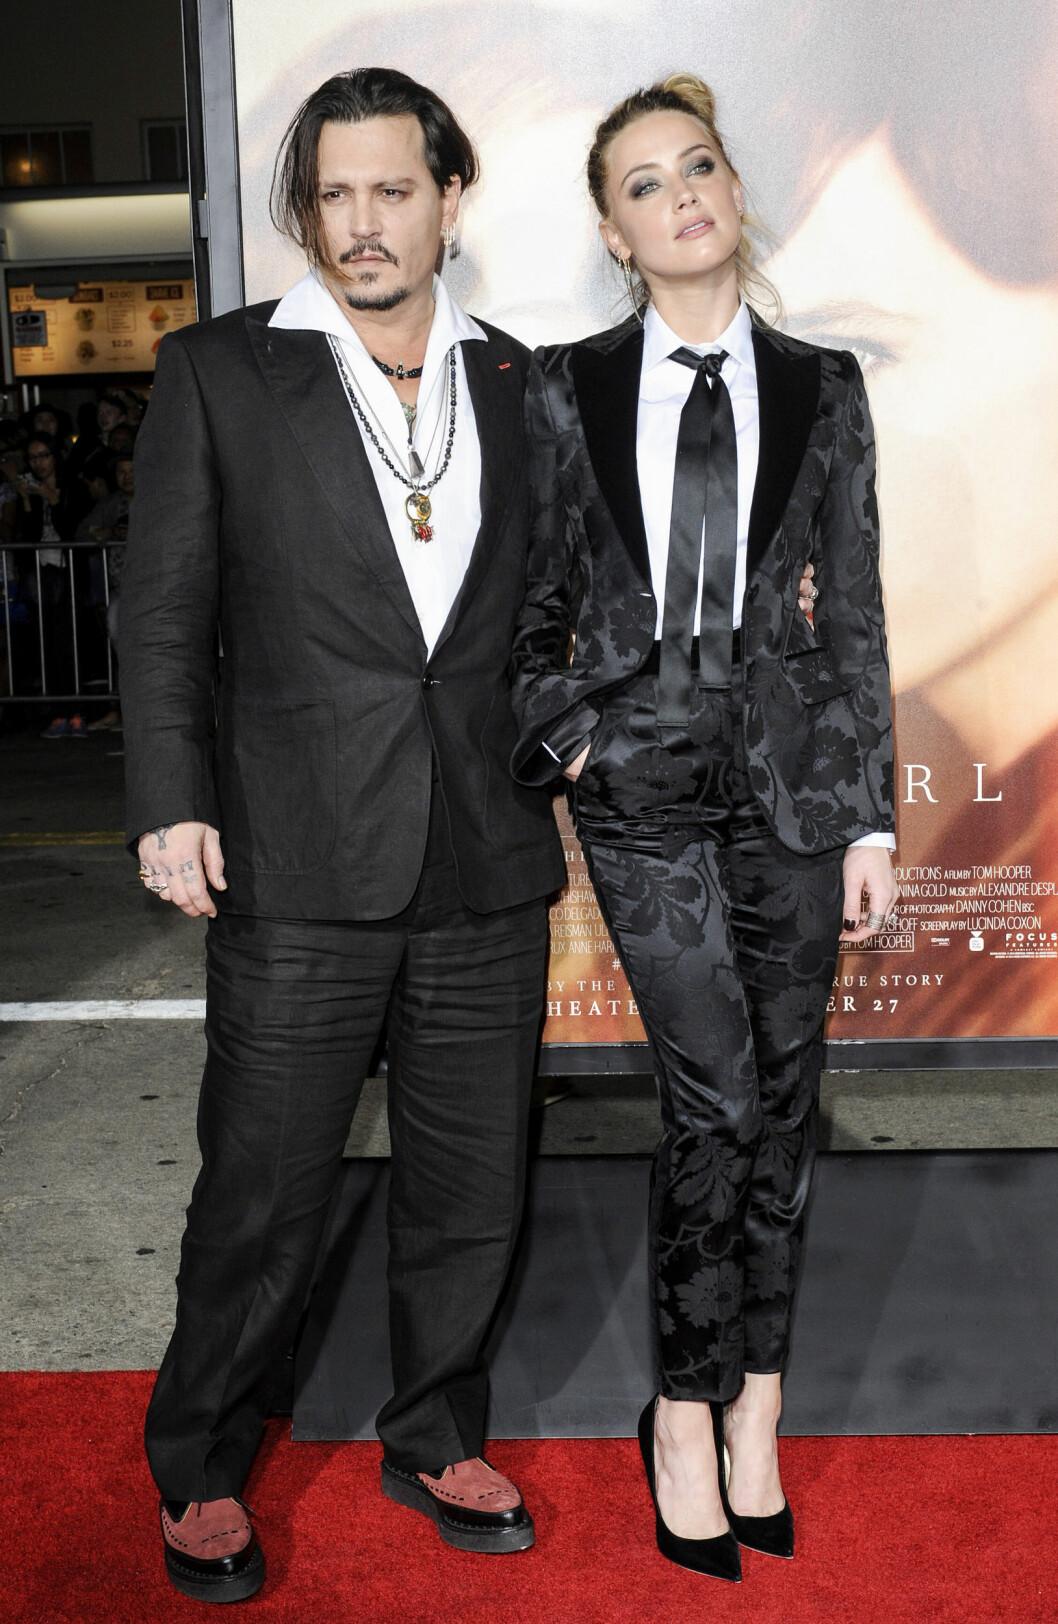 23 ÅRS FORSKJELL: Skuespillerparet Johnny Depp (52) og Amber Heard (29) giftet seg i mars. Foto: NTB Scanpix